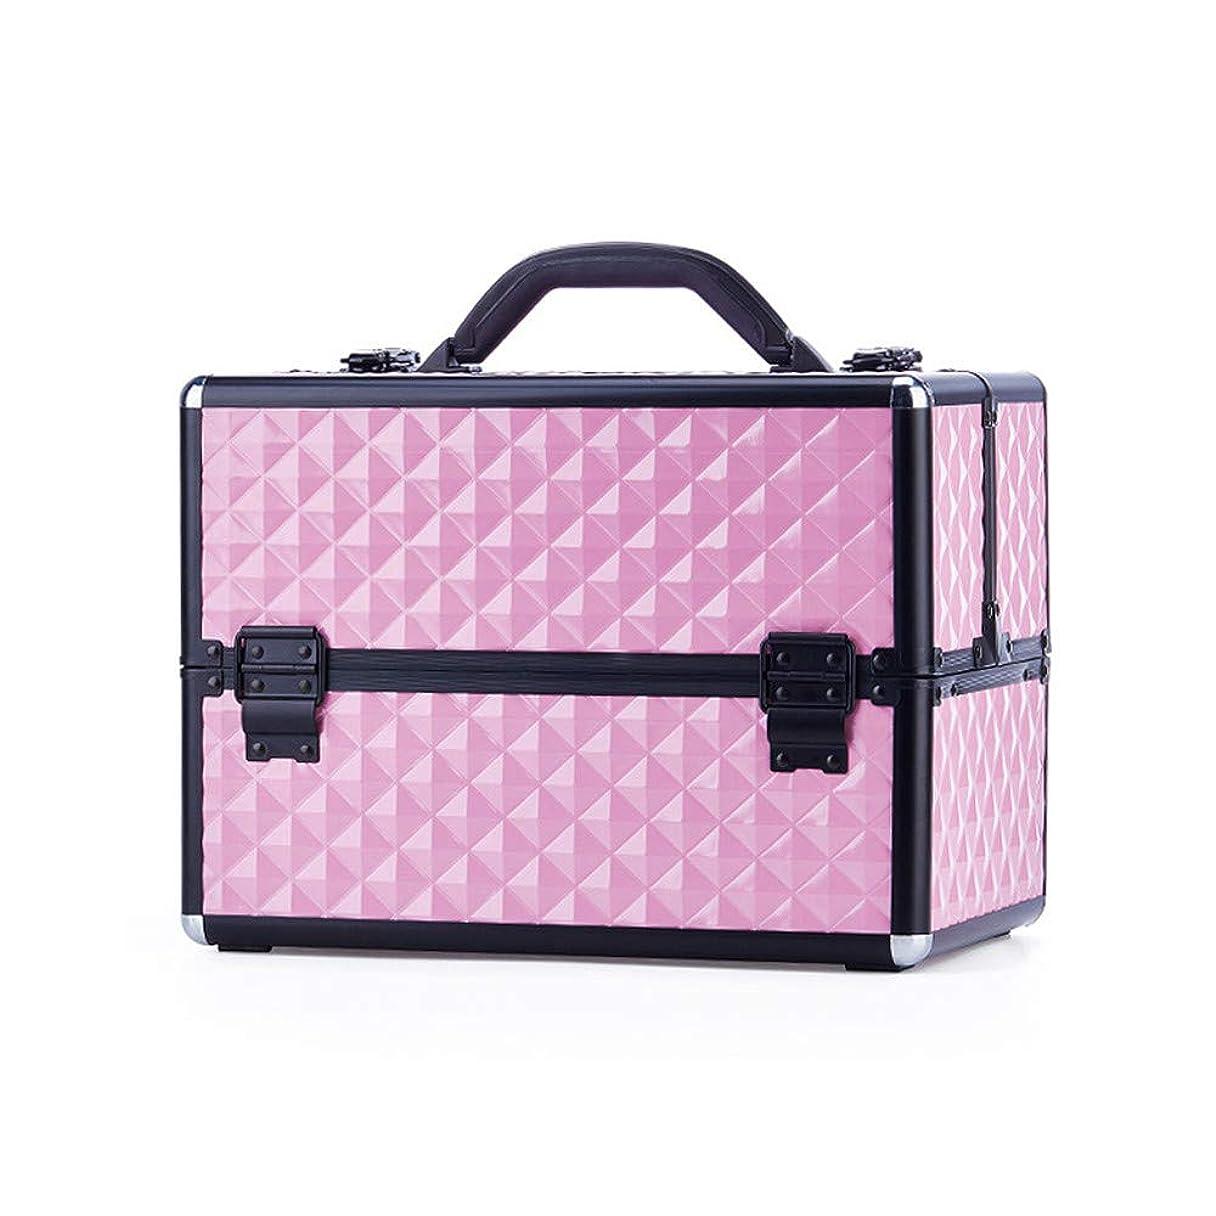 占めるトレイル腐敗特大スペース収納ビューティーボックス 美の構造のためそしてジッパーおよび折る皿が付いている女の子の女性旅行そして毎日の貯蔵のための高容量の携帯用化粧品袋 化粧品化粧台 (色 : ピンク)